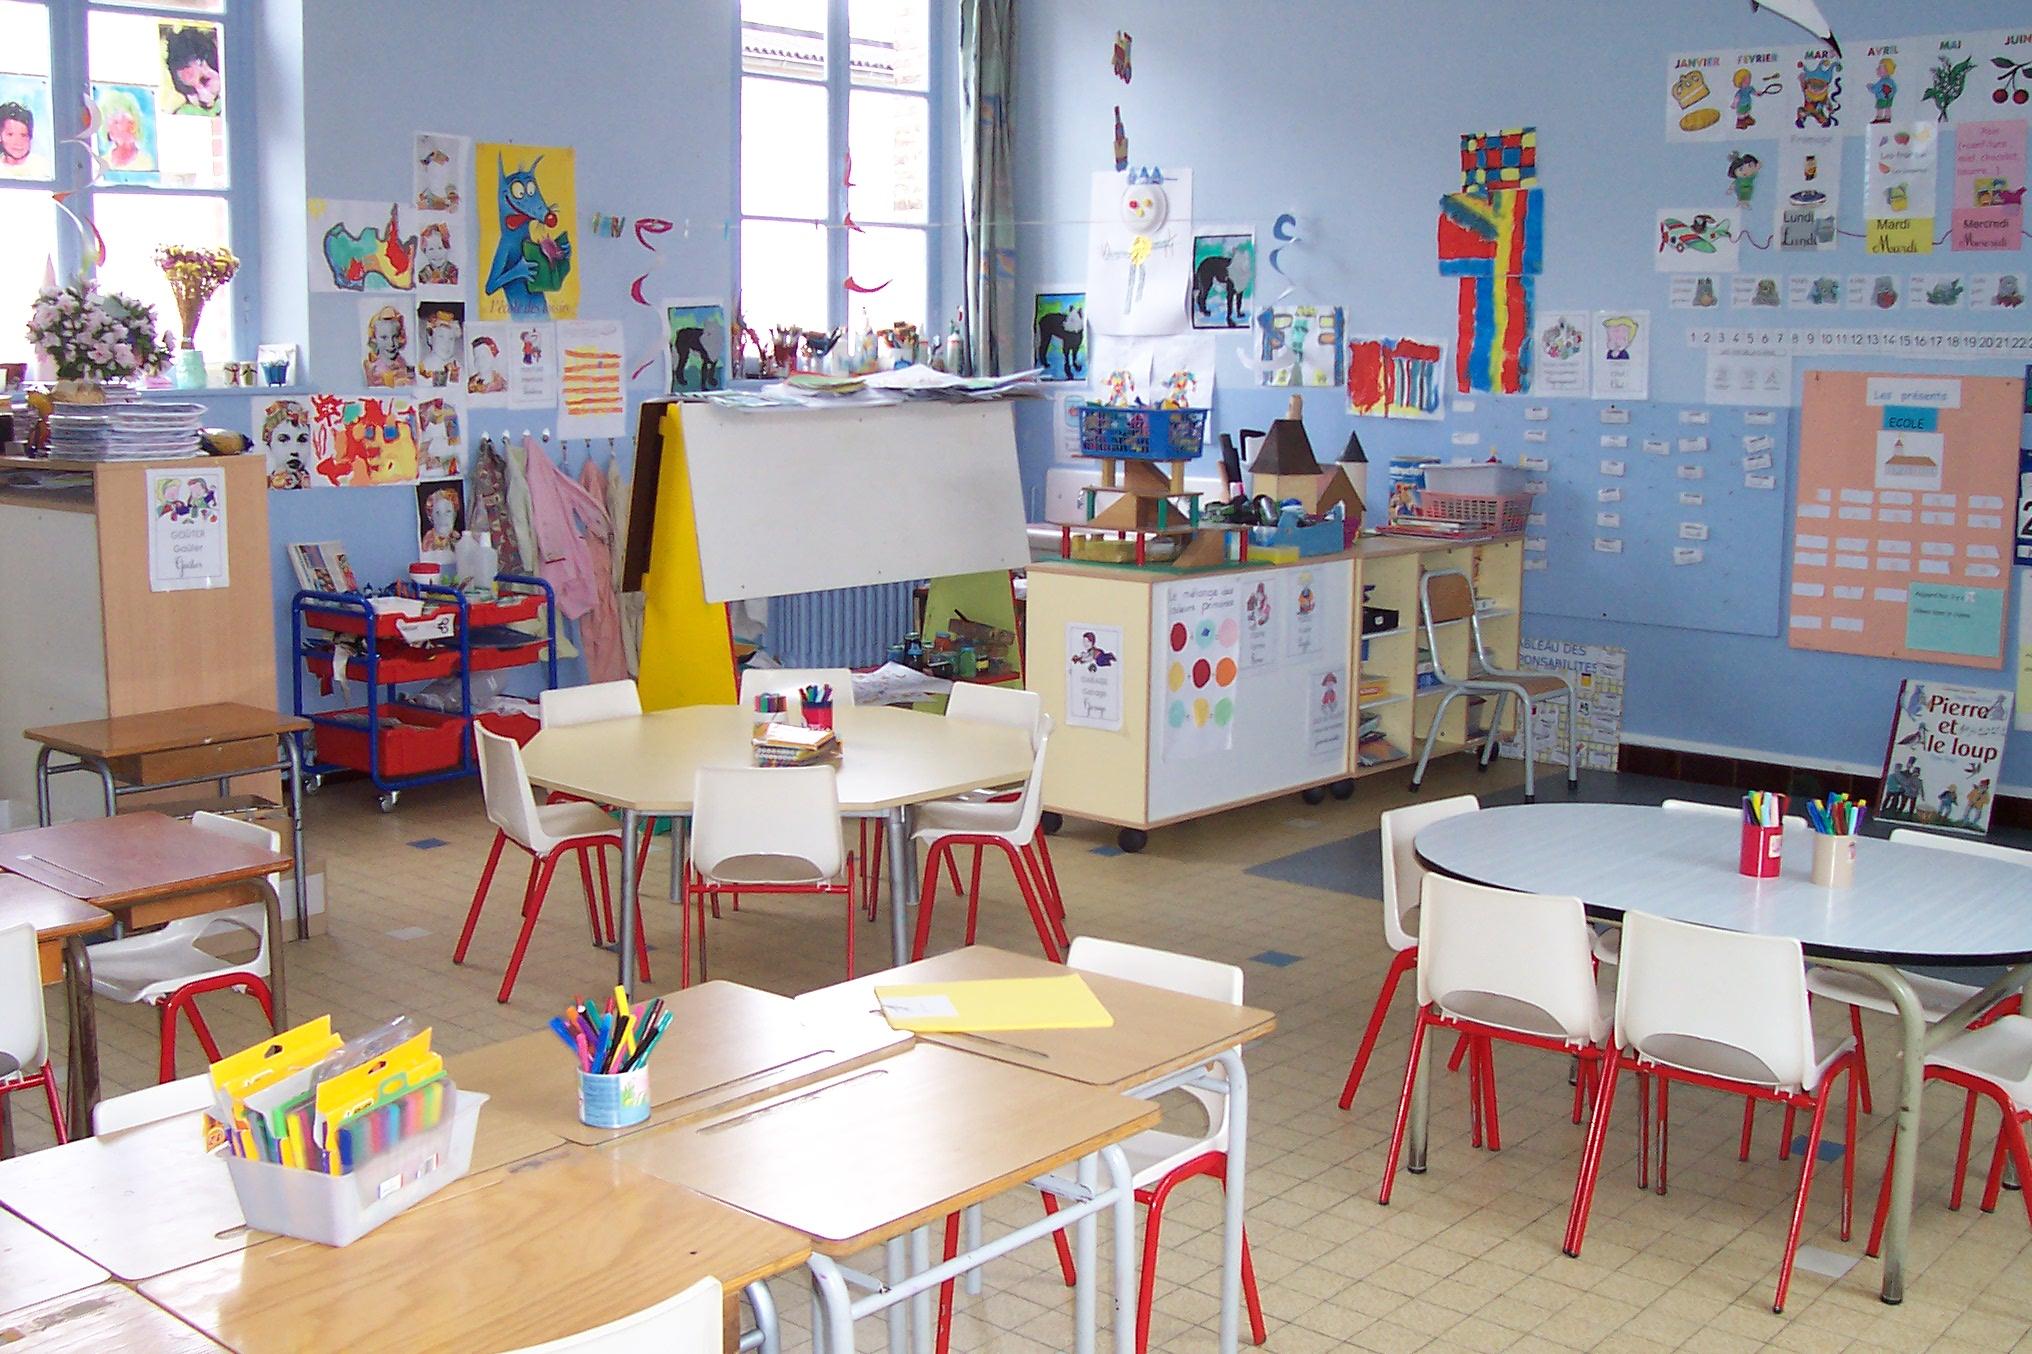 La classe de maternelle grande section - Image classe maternelle ...